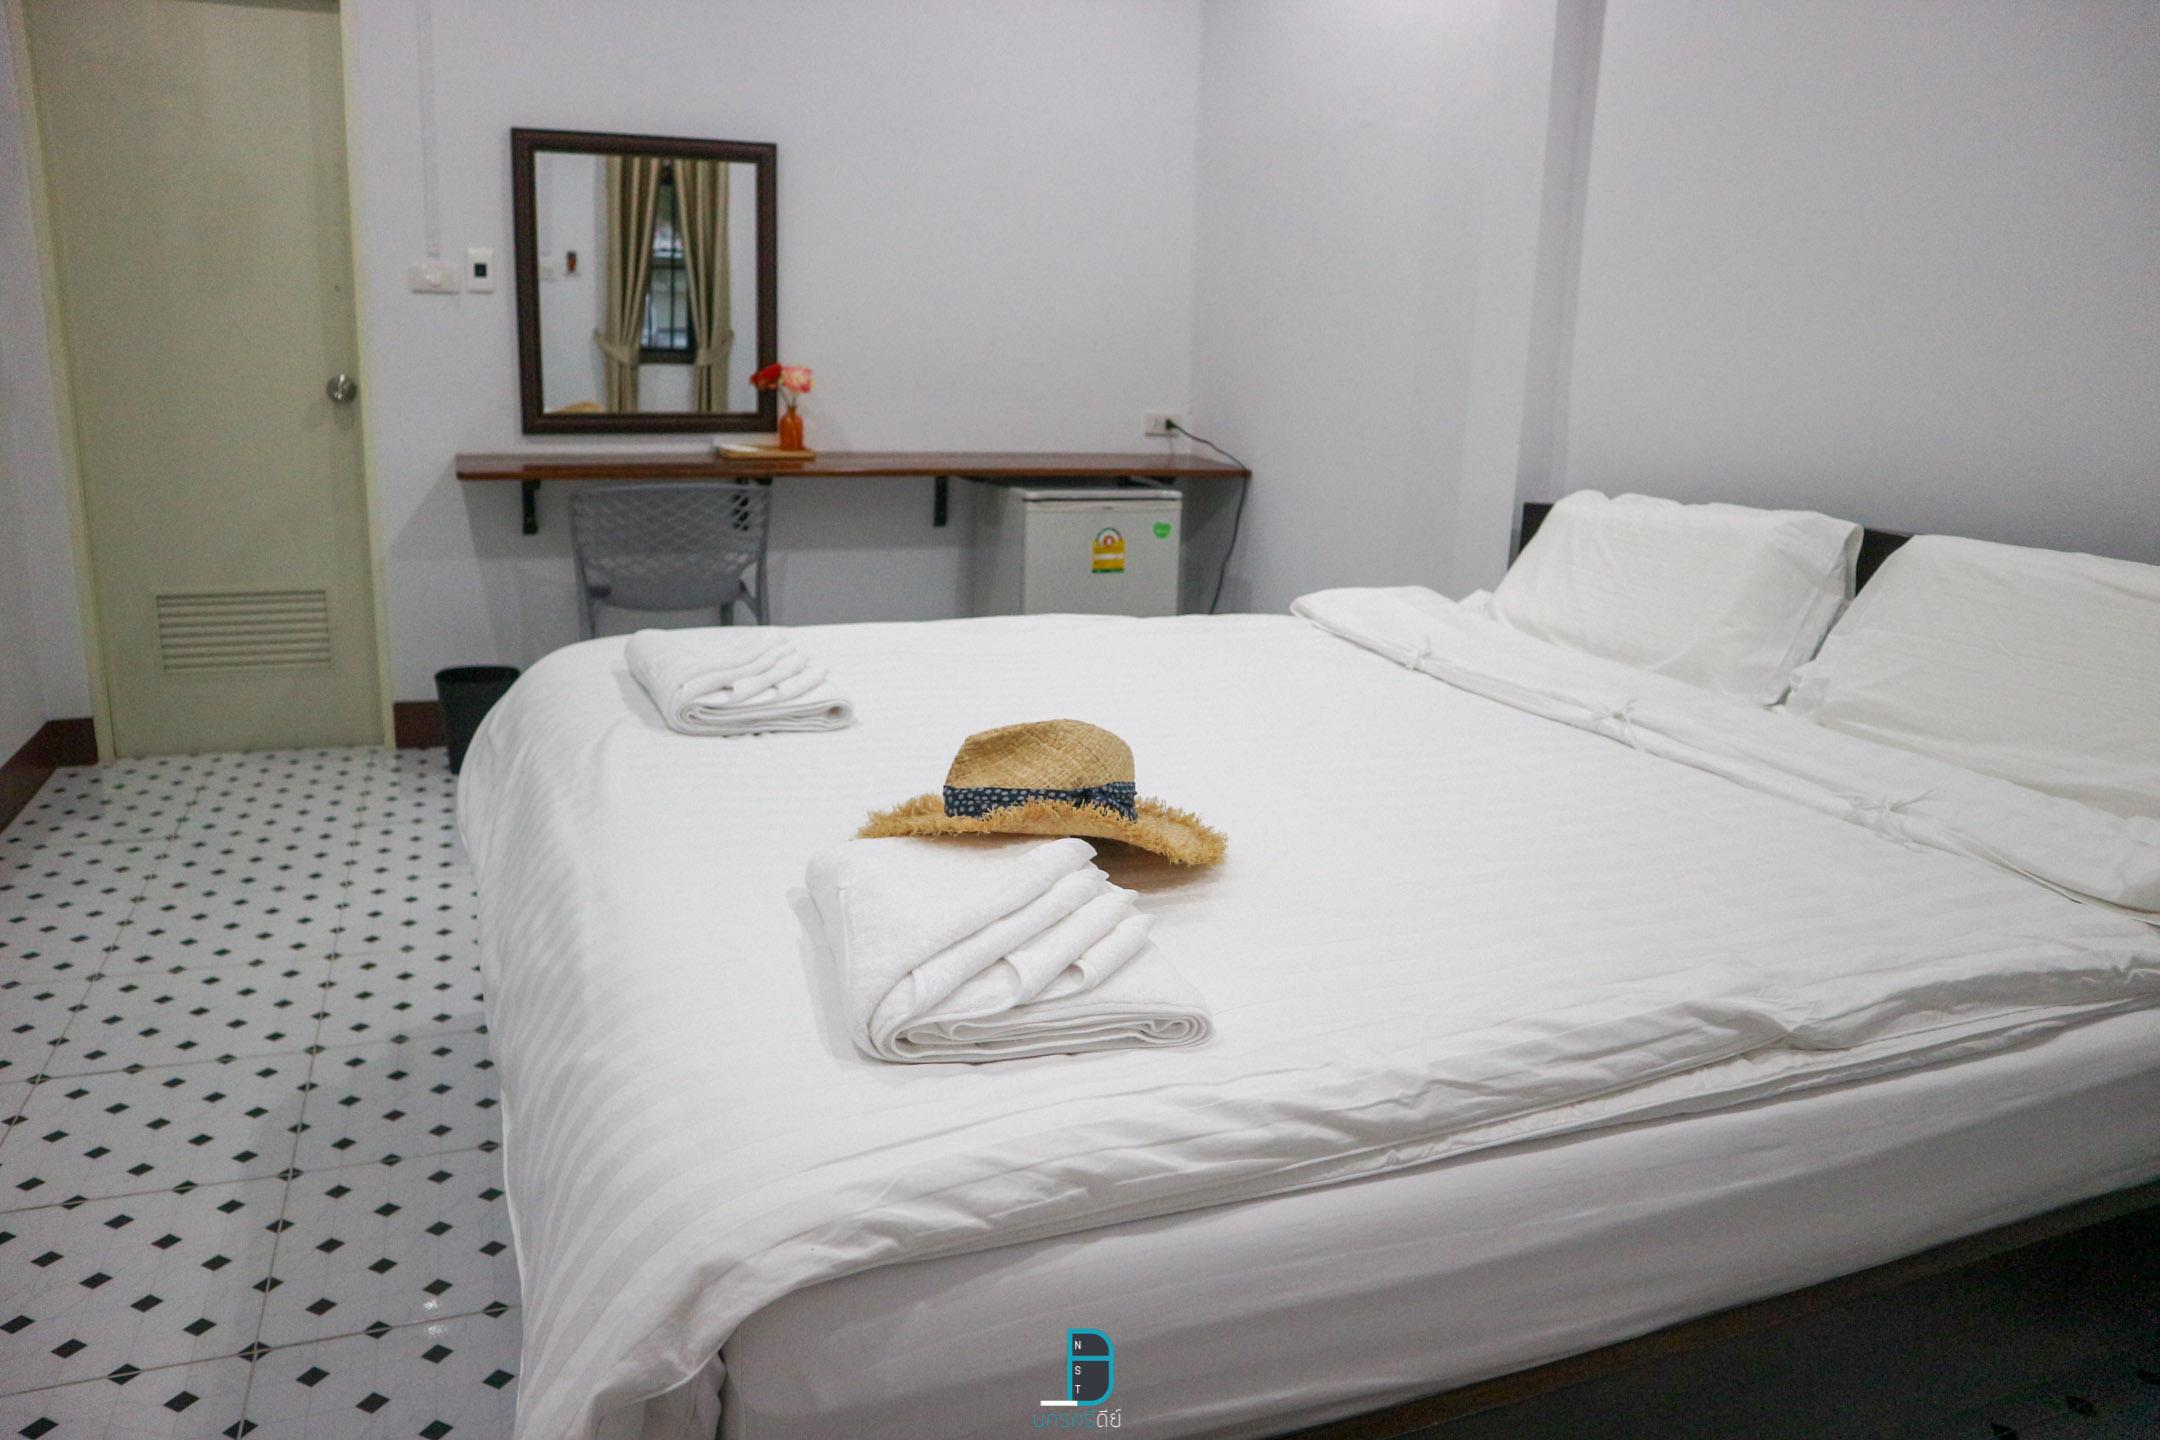 โรงแรม,ที่พัก,รีสอร์ท,ปากพนัง,นครศรีธรรมราช,ห้องพัก,สวย,สบาย